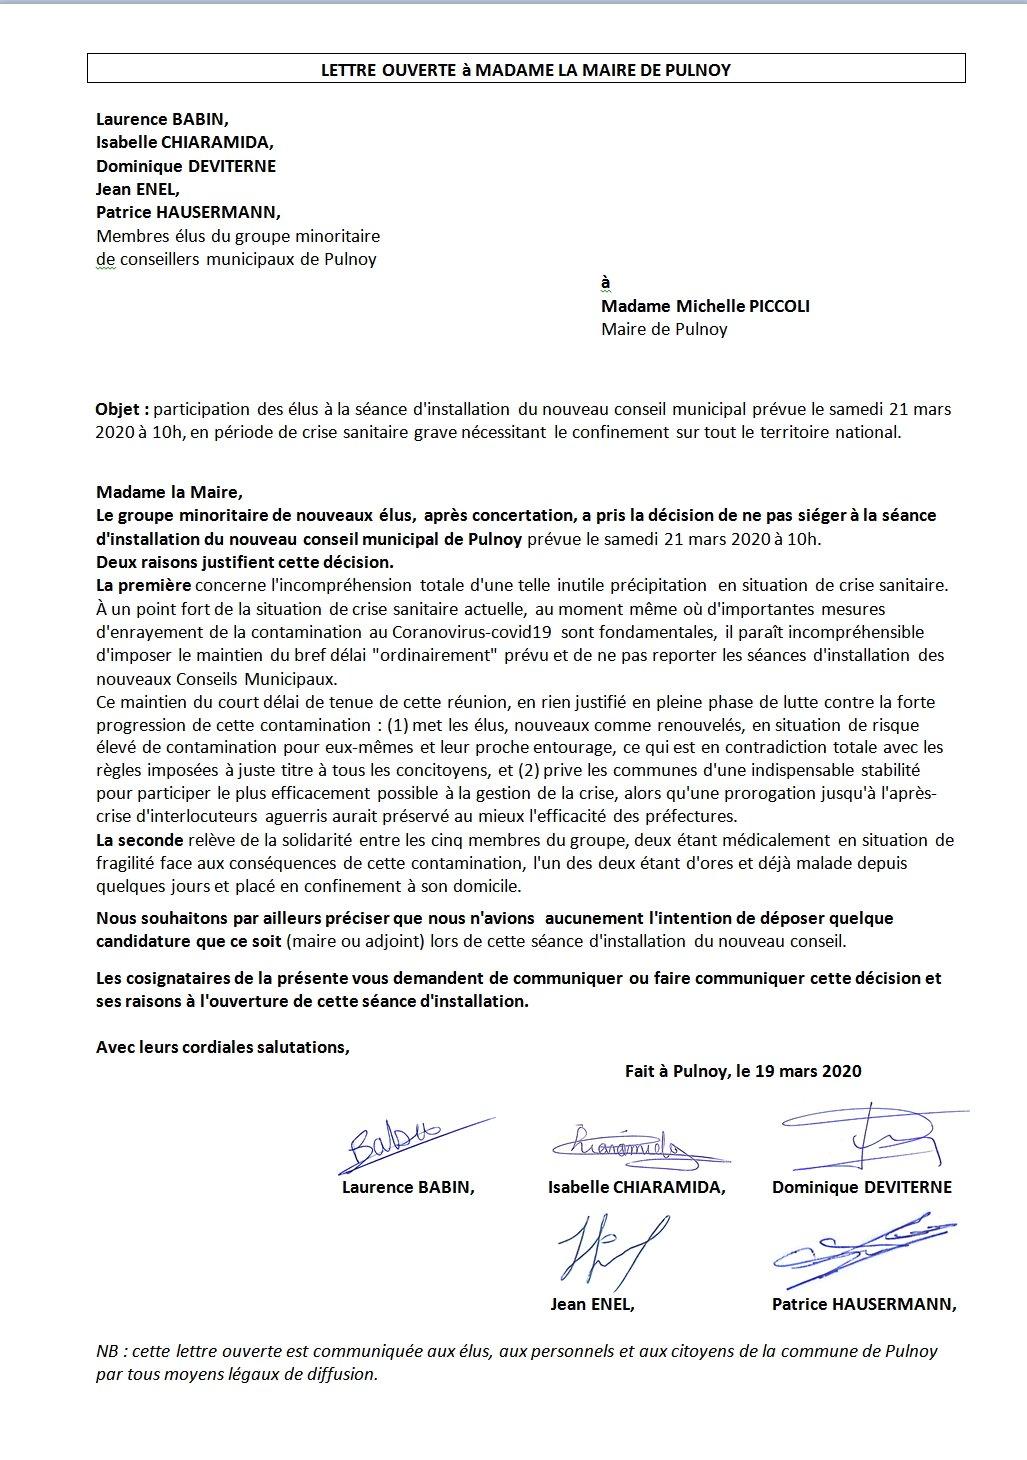 Photo_Lettre ouverte_Gr Minoritaire a M Piccoli_refus de sieger_Installation CM du 21-03-2020